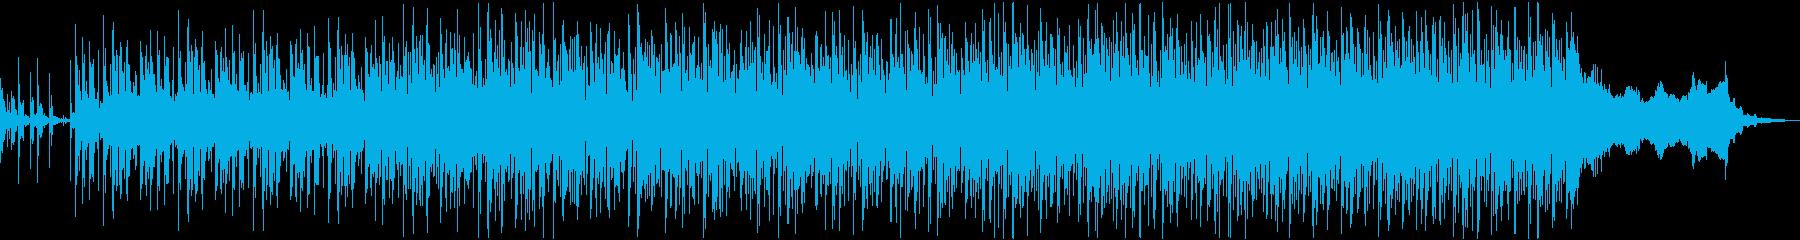 駆け抜ける威rhythmするような...の再生済みの波形